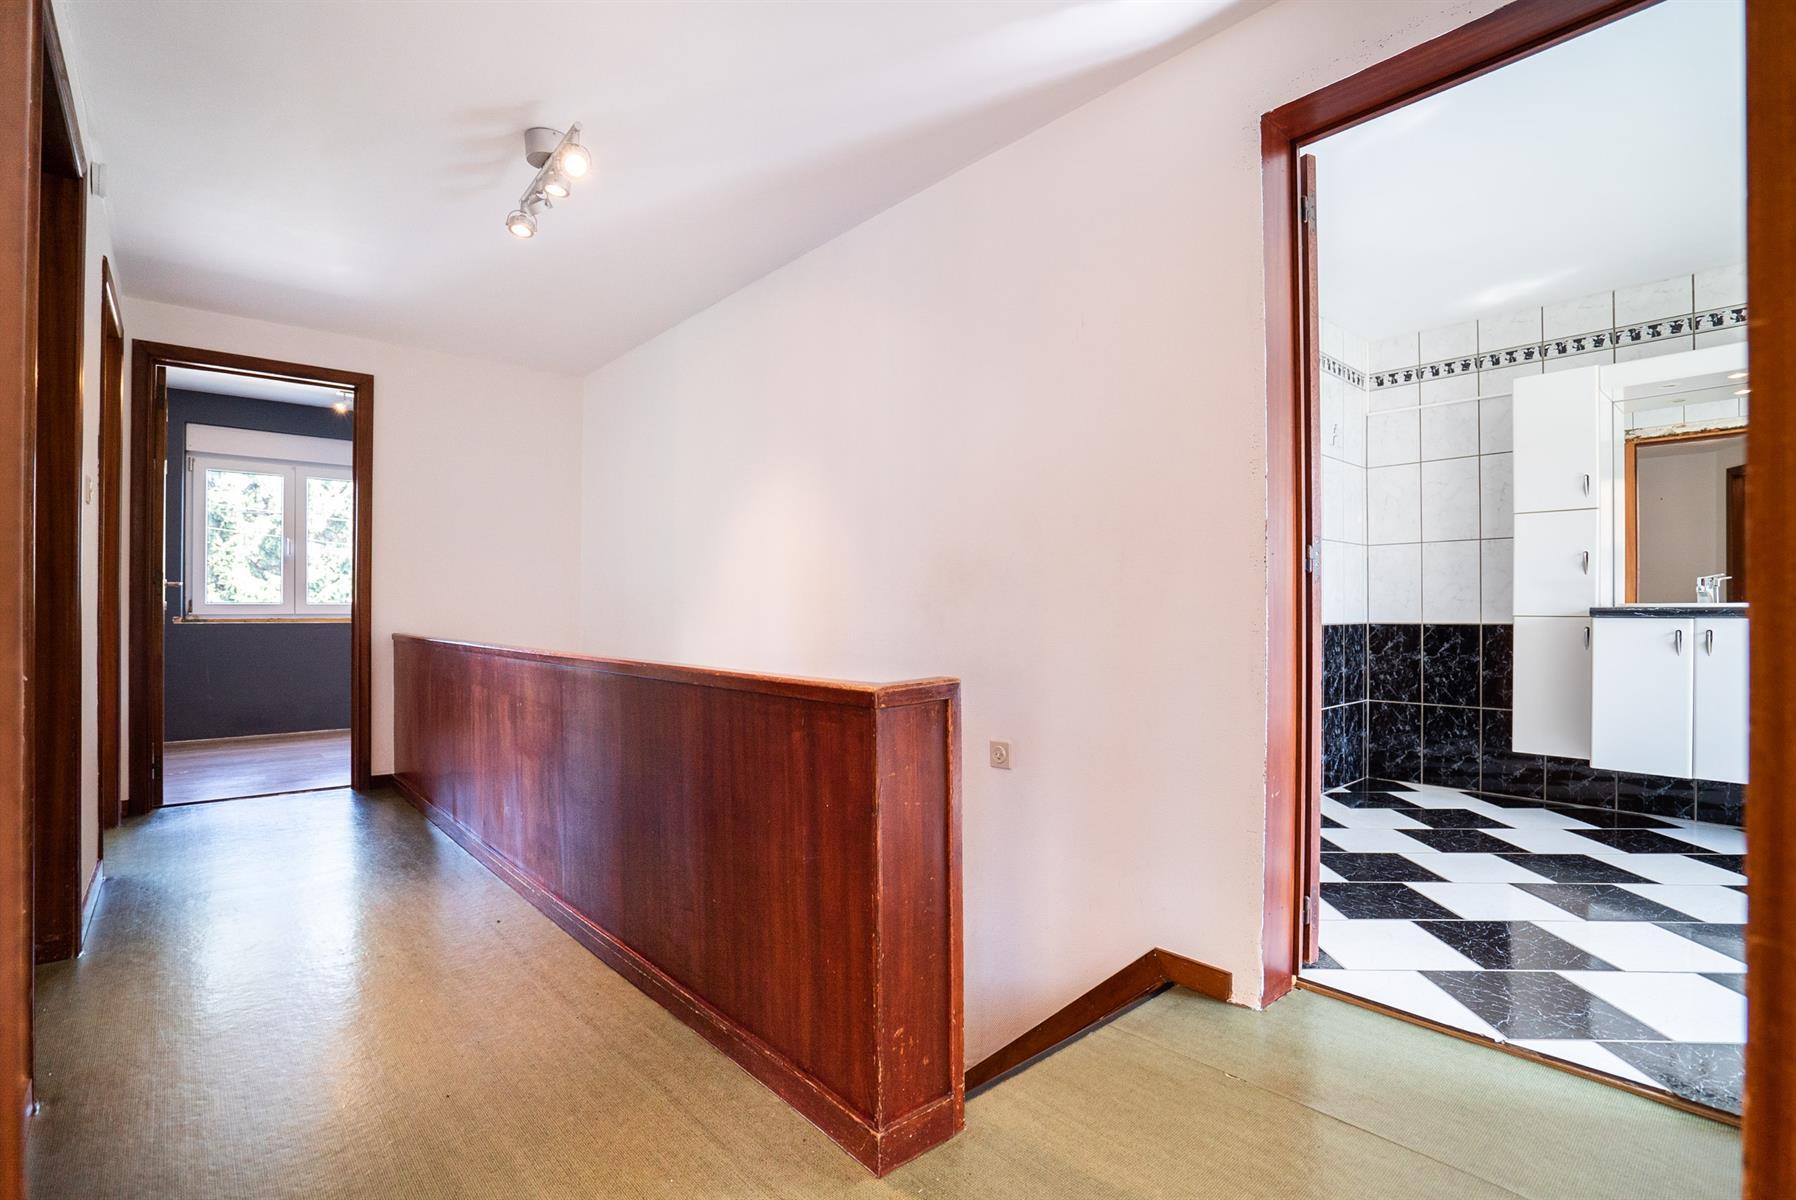 Maison - Verviers Stembert - #4406533-8